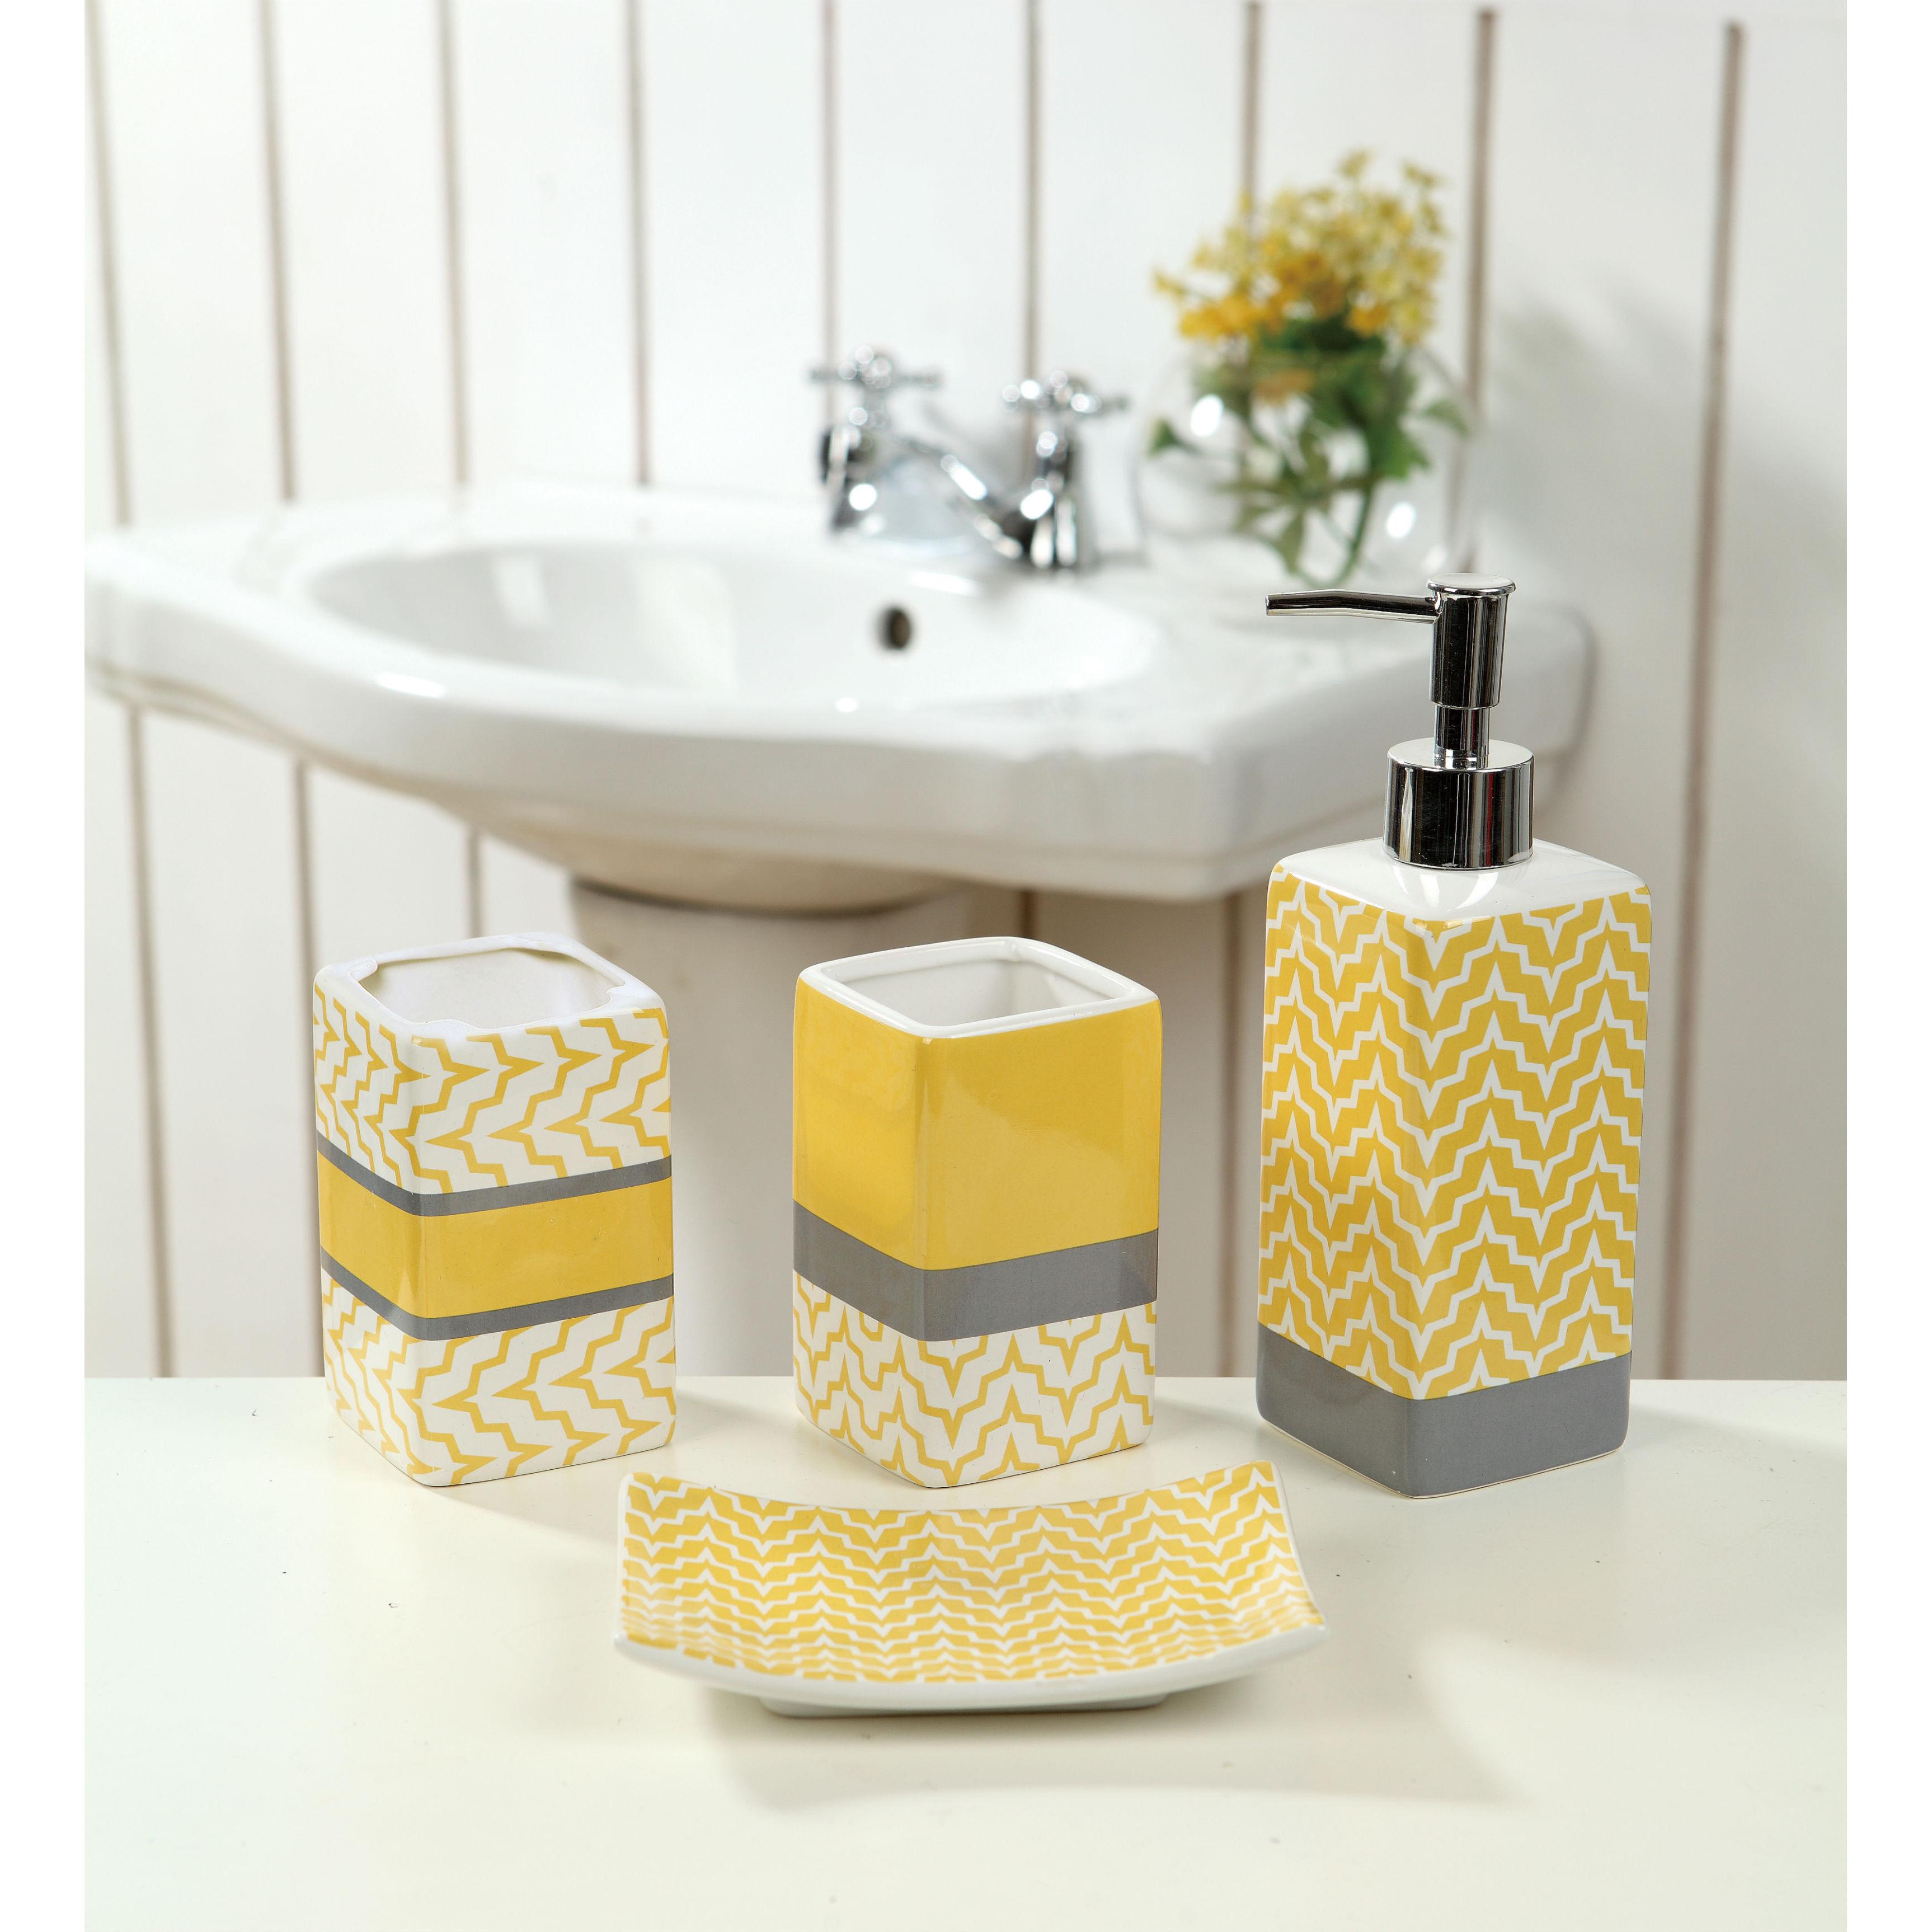 Best Overstock Bathroom Sets